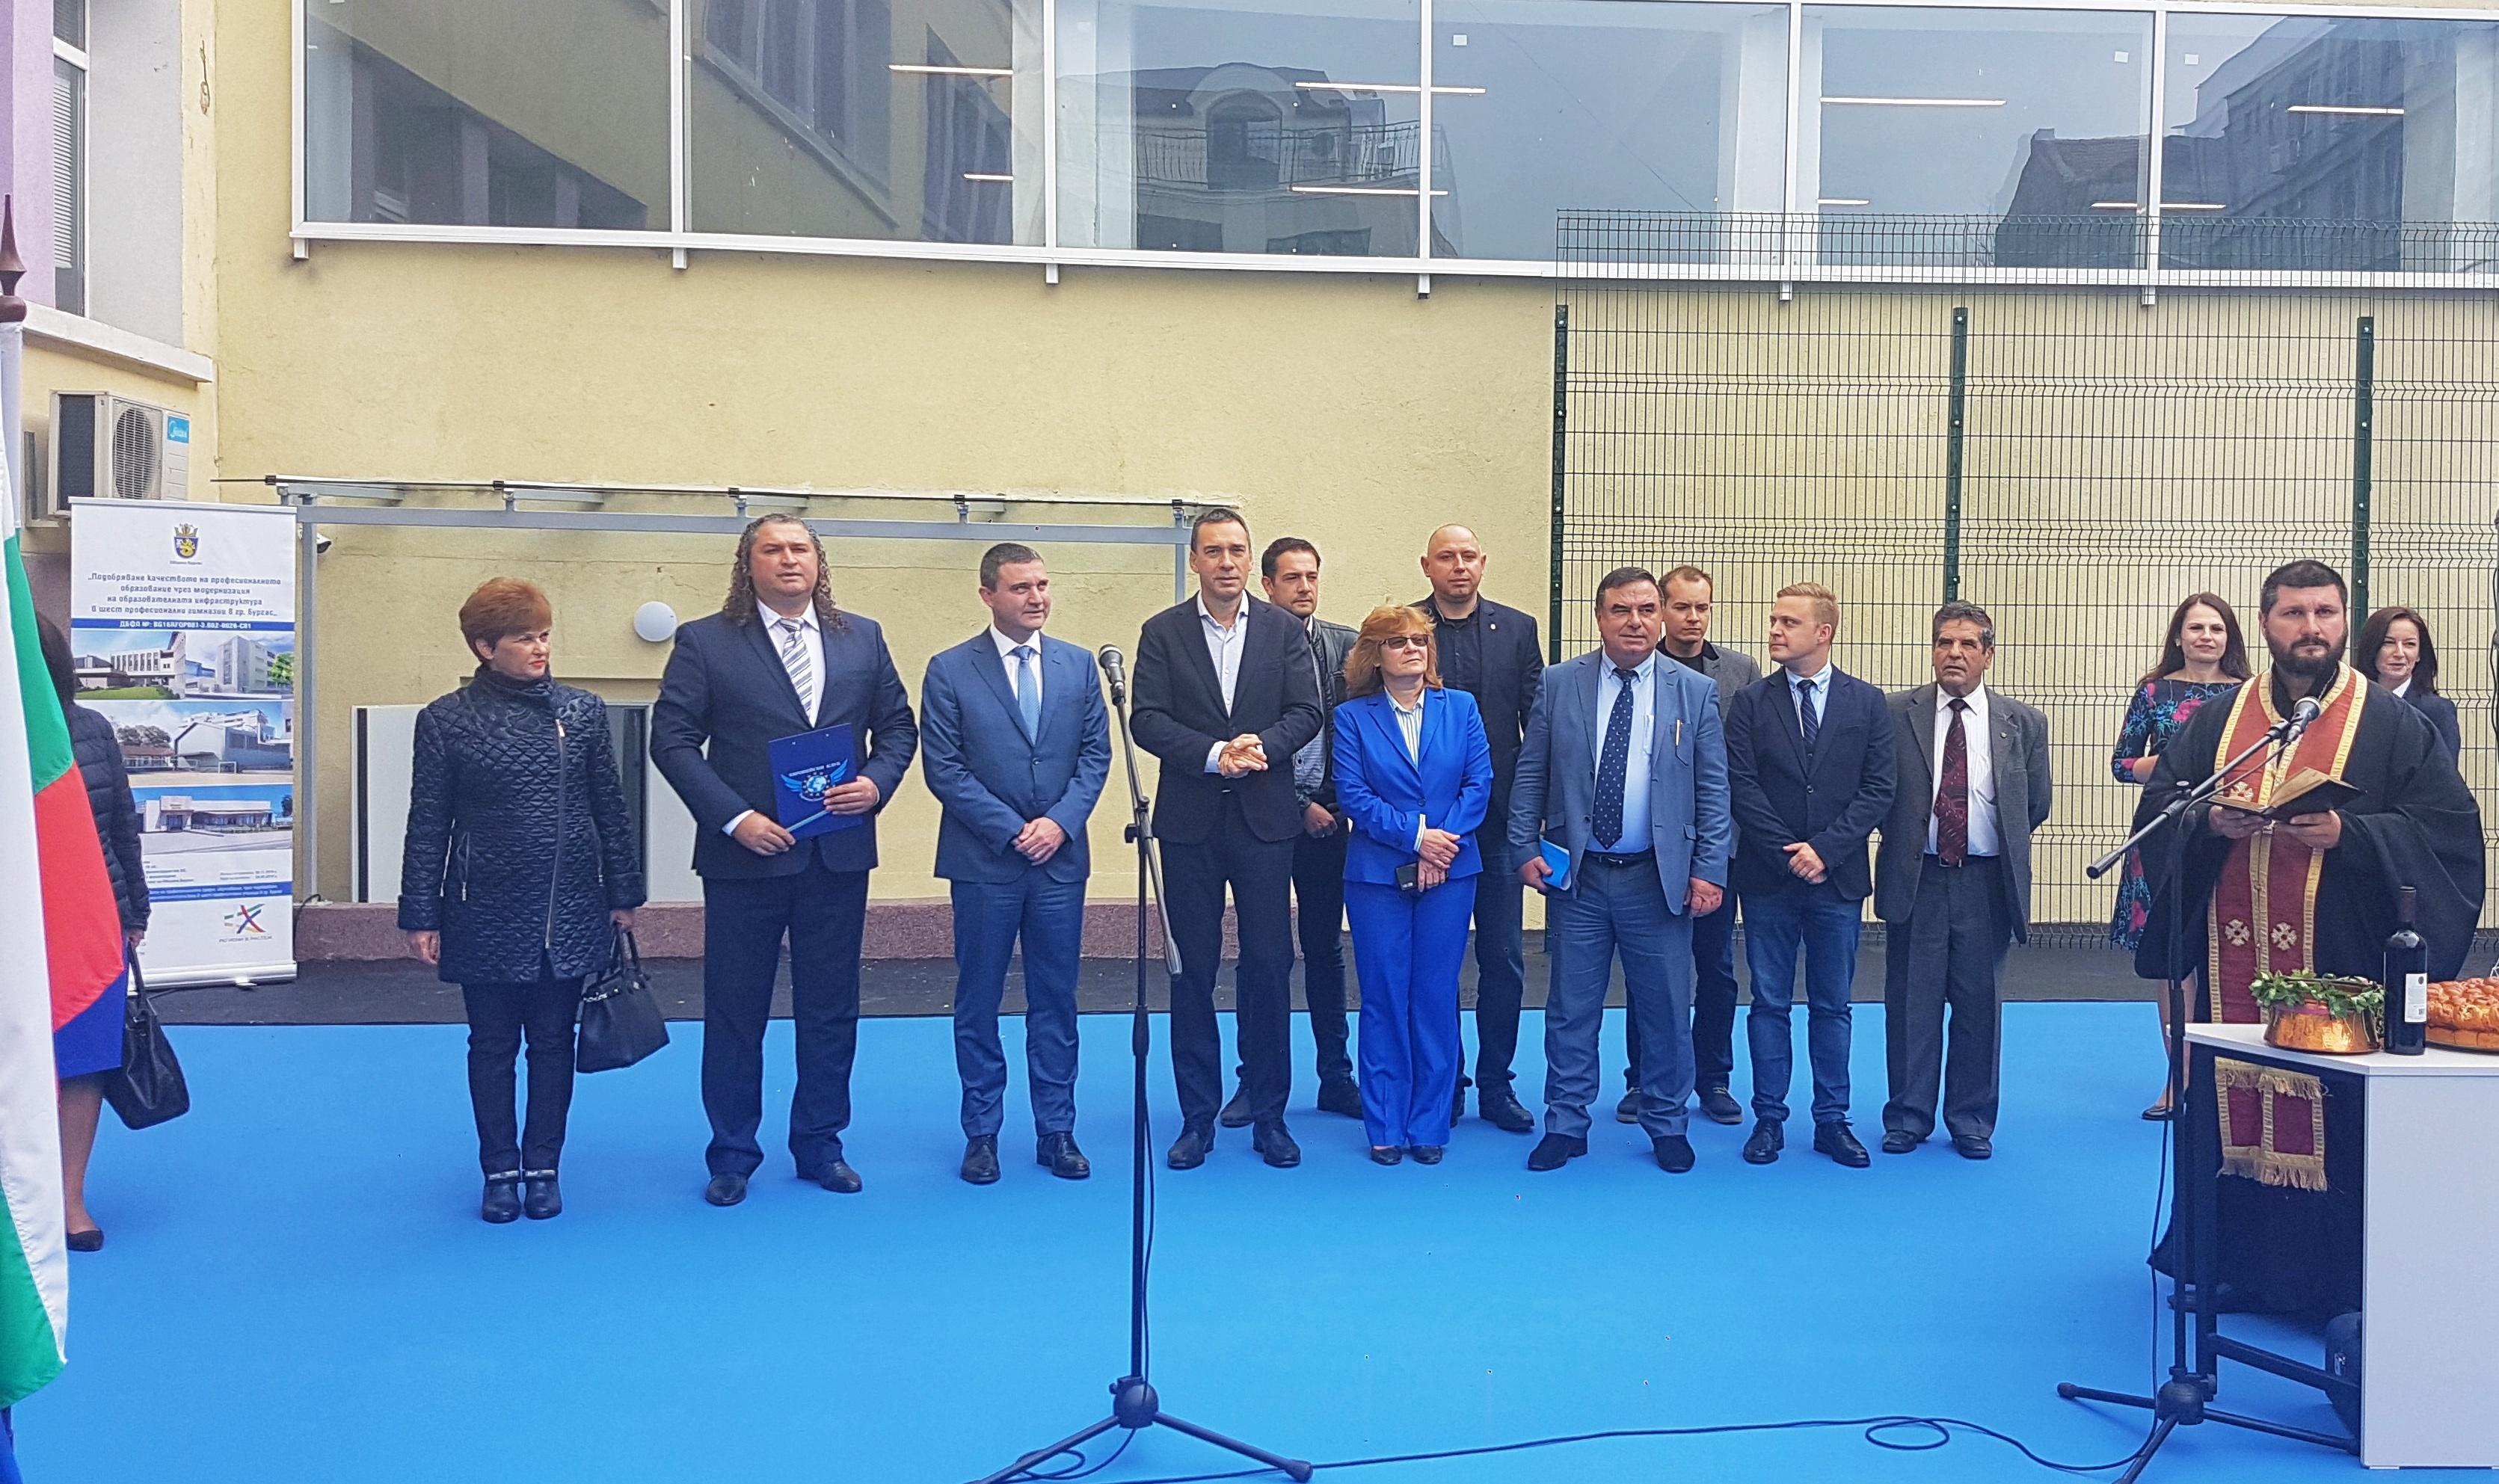 Министър Горанов и кметът Николов откриха дигитален кабинет и спортен салон в Търговската гимназия